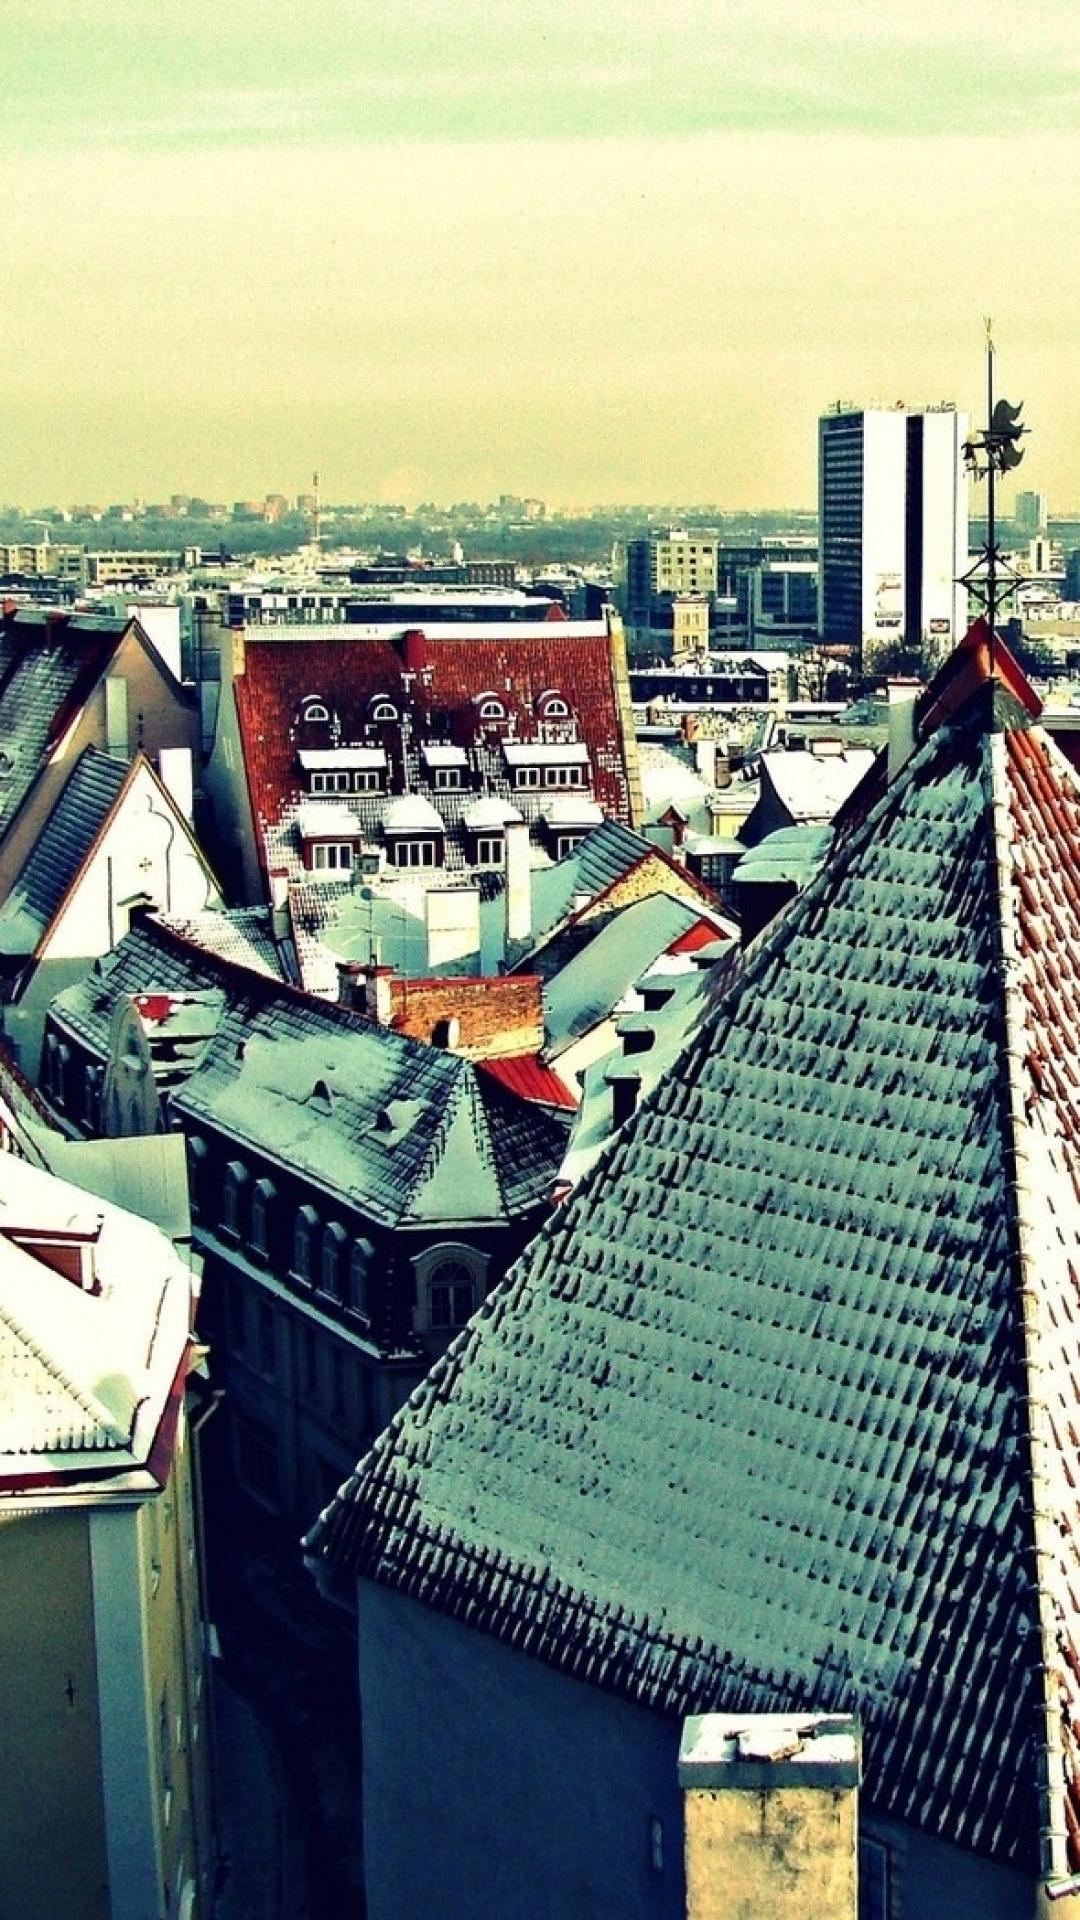 iphone wallpaper roof tower 3Wallpapers : notre sélection de fonds d'écran du 27/11/2017